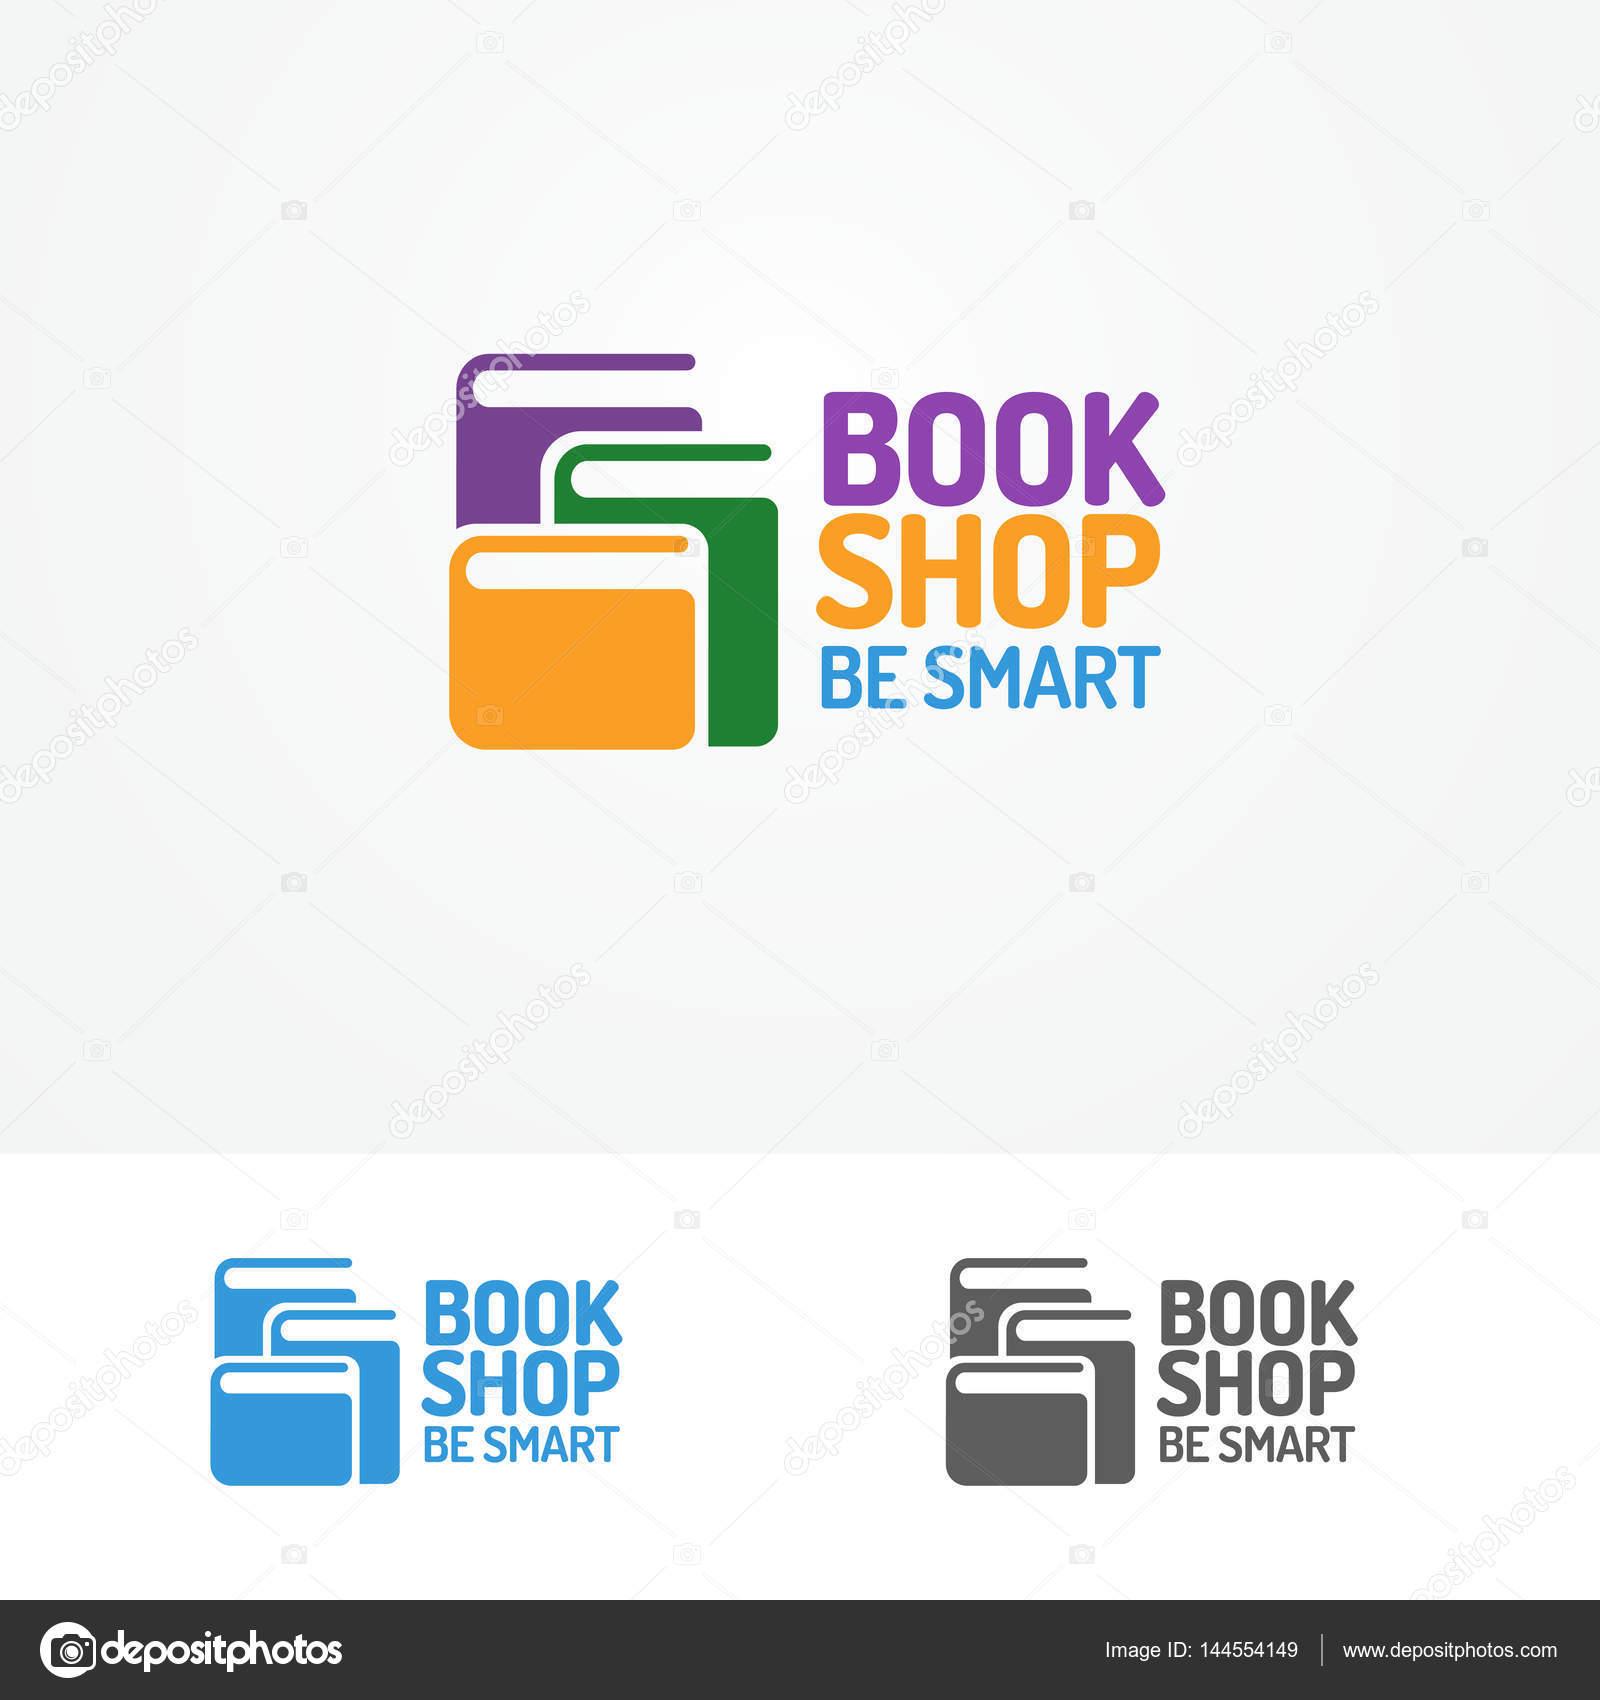 Logo de la tienda de libro set, compuesto por colores diversos ...